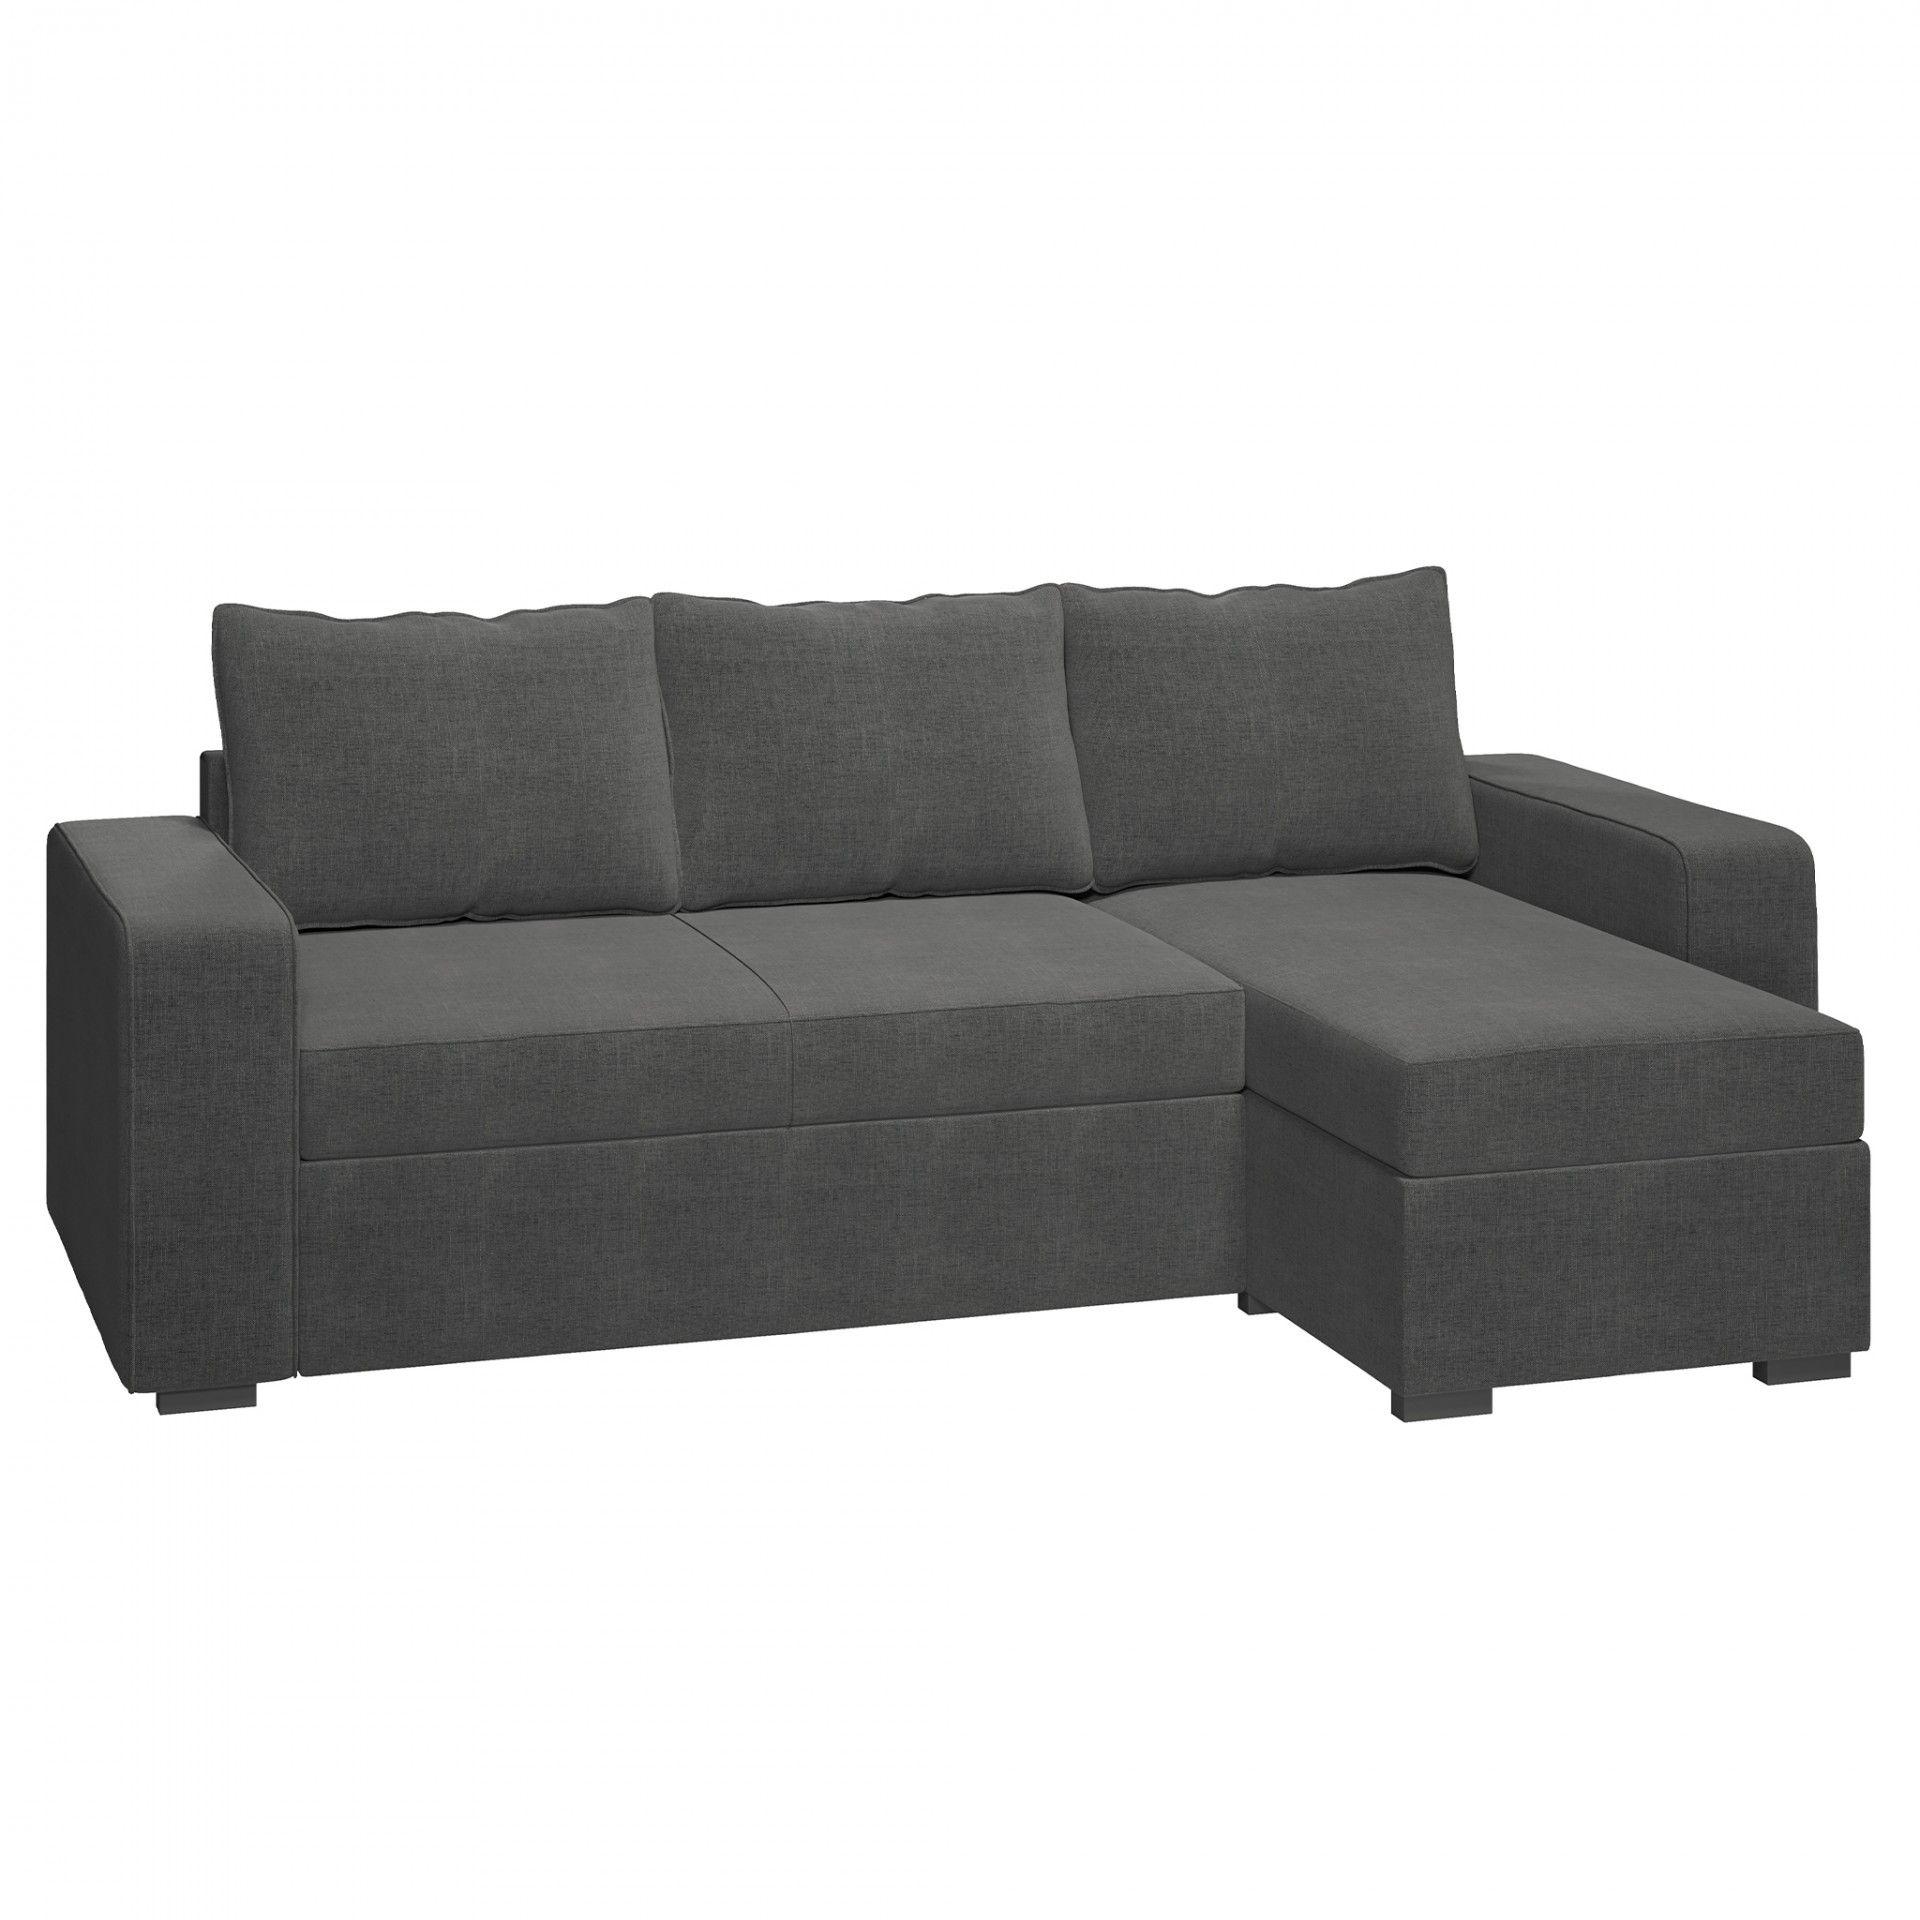 Como limpar sofás de tecido